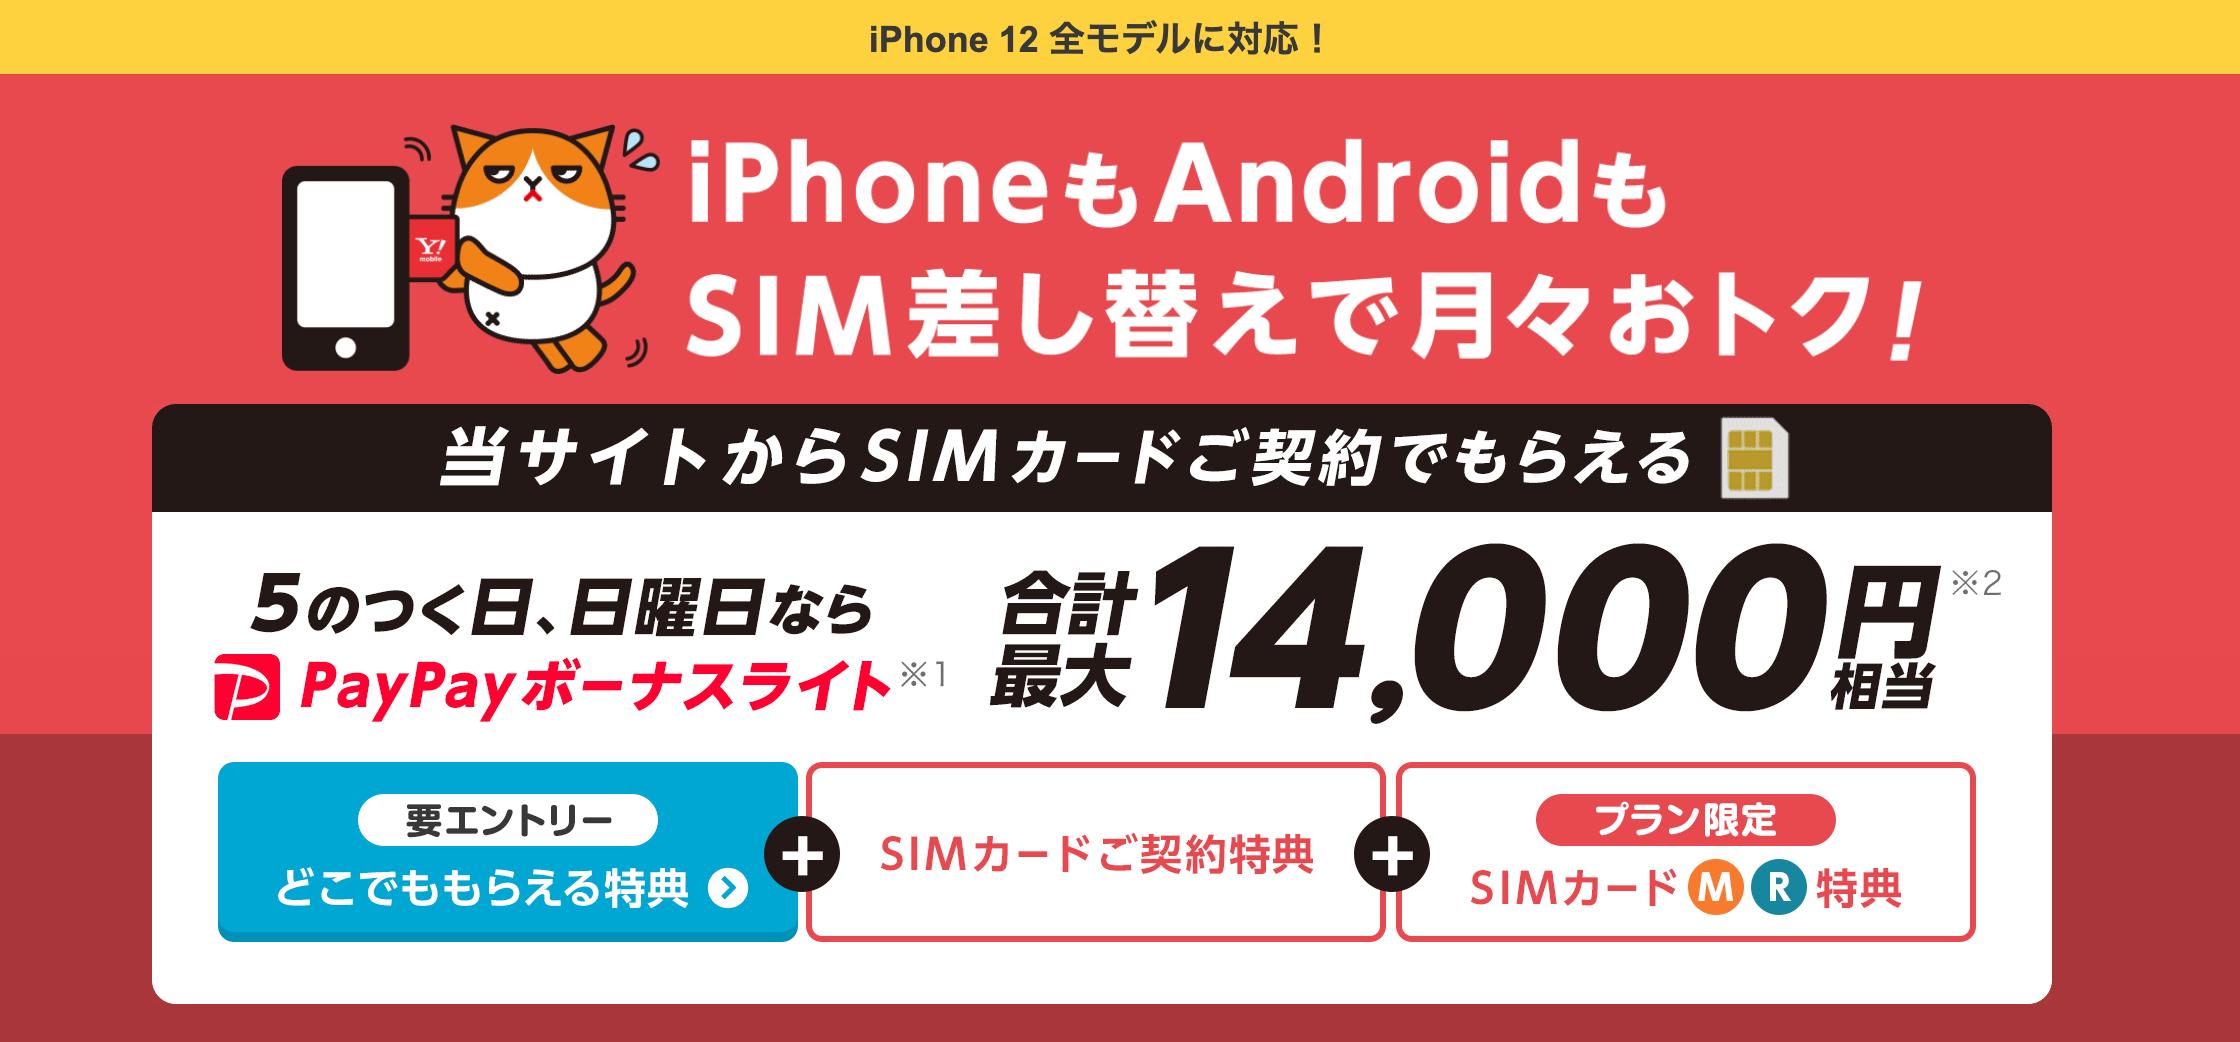 Y!mobile_ワイモバイル_キャンペーン_5のつく日・ゾロ目の日キャンペーン_iPhone12_アイフォン